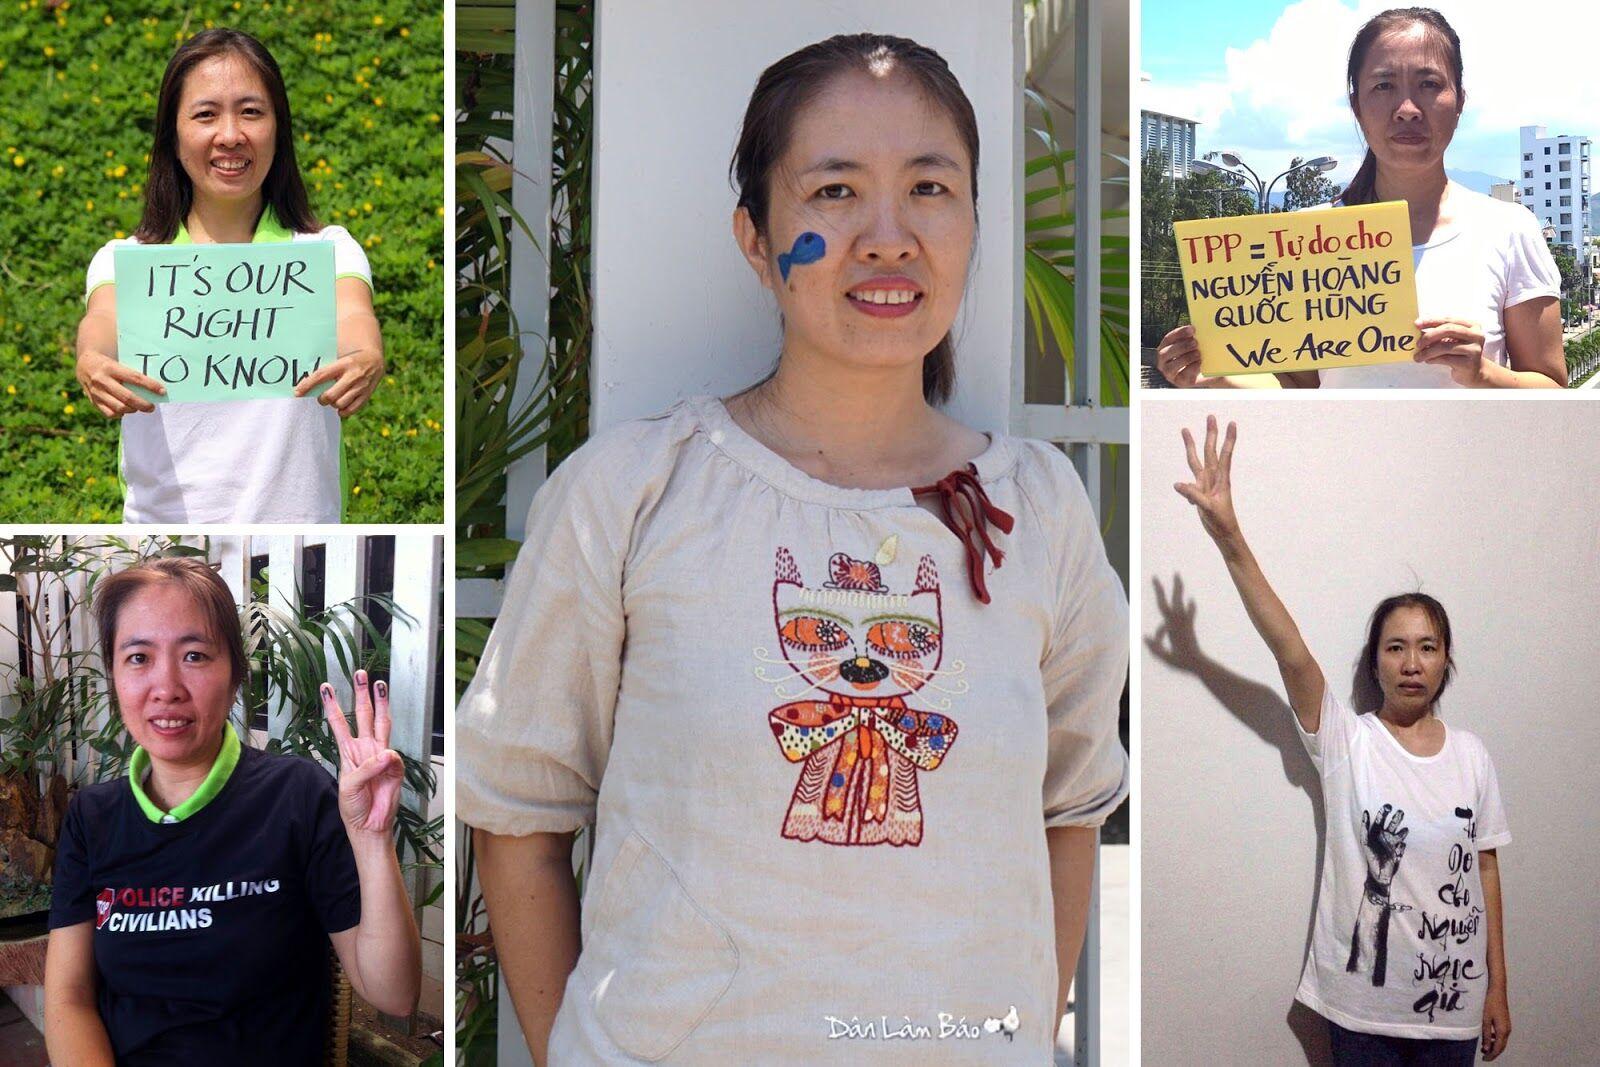 Nhóm chuyên gia nhân quyền Liên Hiệp Quốc yêu cầu CSVN thả blogger Mẹ Nấm